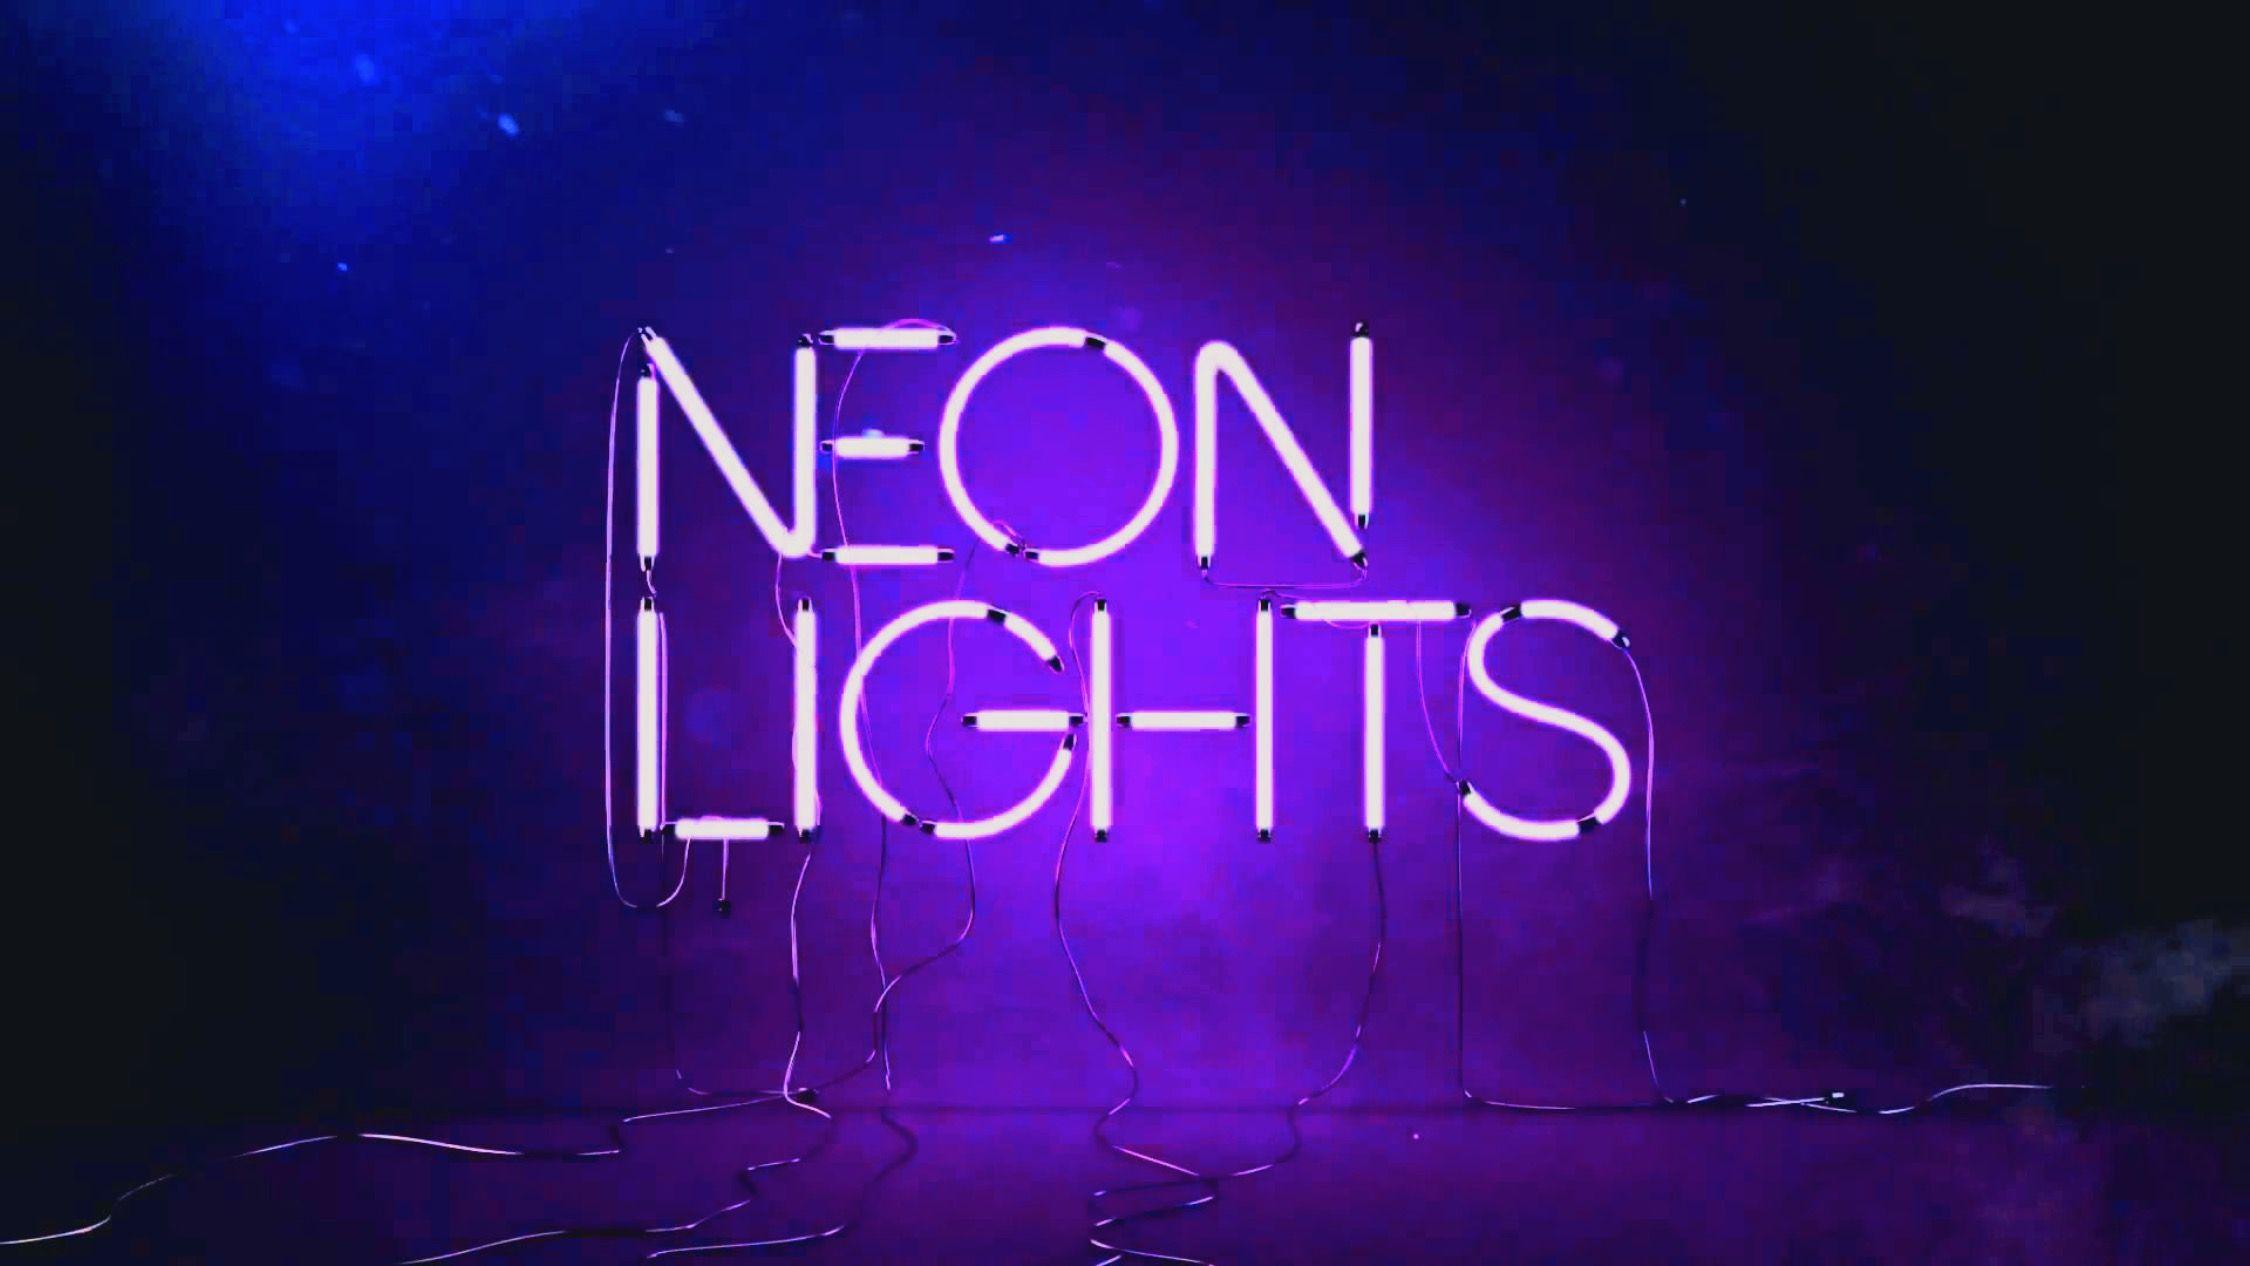 A E S T H E T I C P U R P L E Neon Light Wallpaper Neon Wallpaper Neon